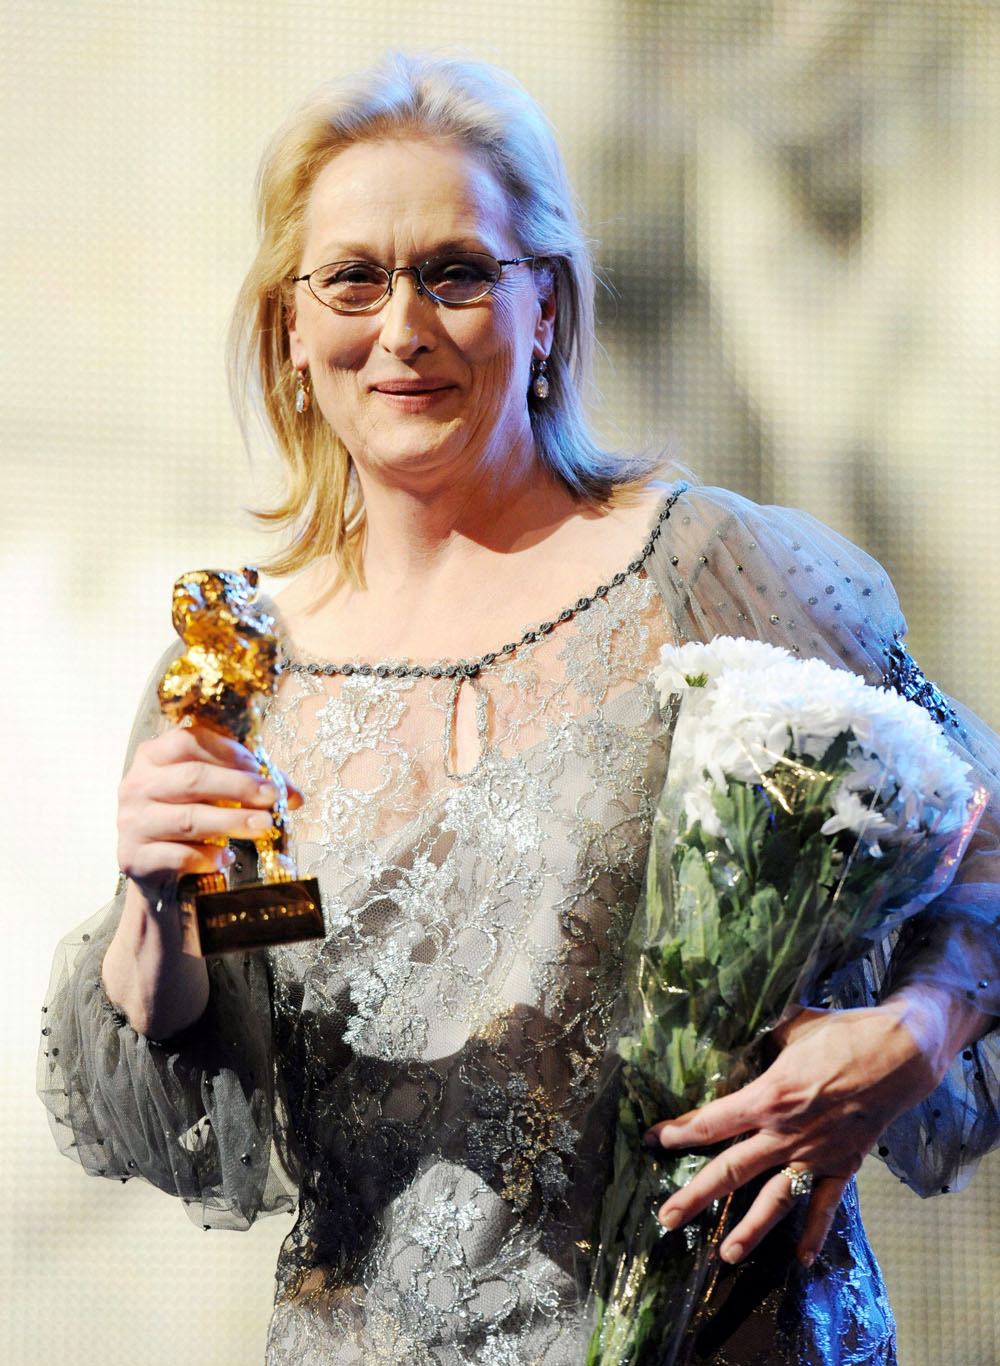 Berlinale 2012, Meryl Streep e l'obbligo di avere paura - Meryl Streep riceve l'Orso d'oro alla carriera.